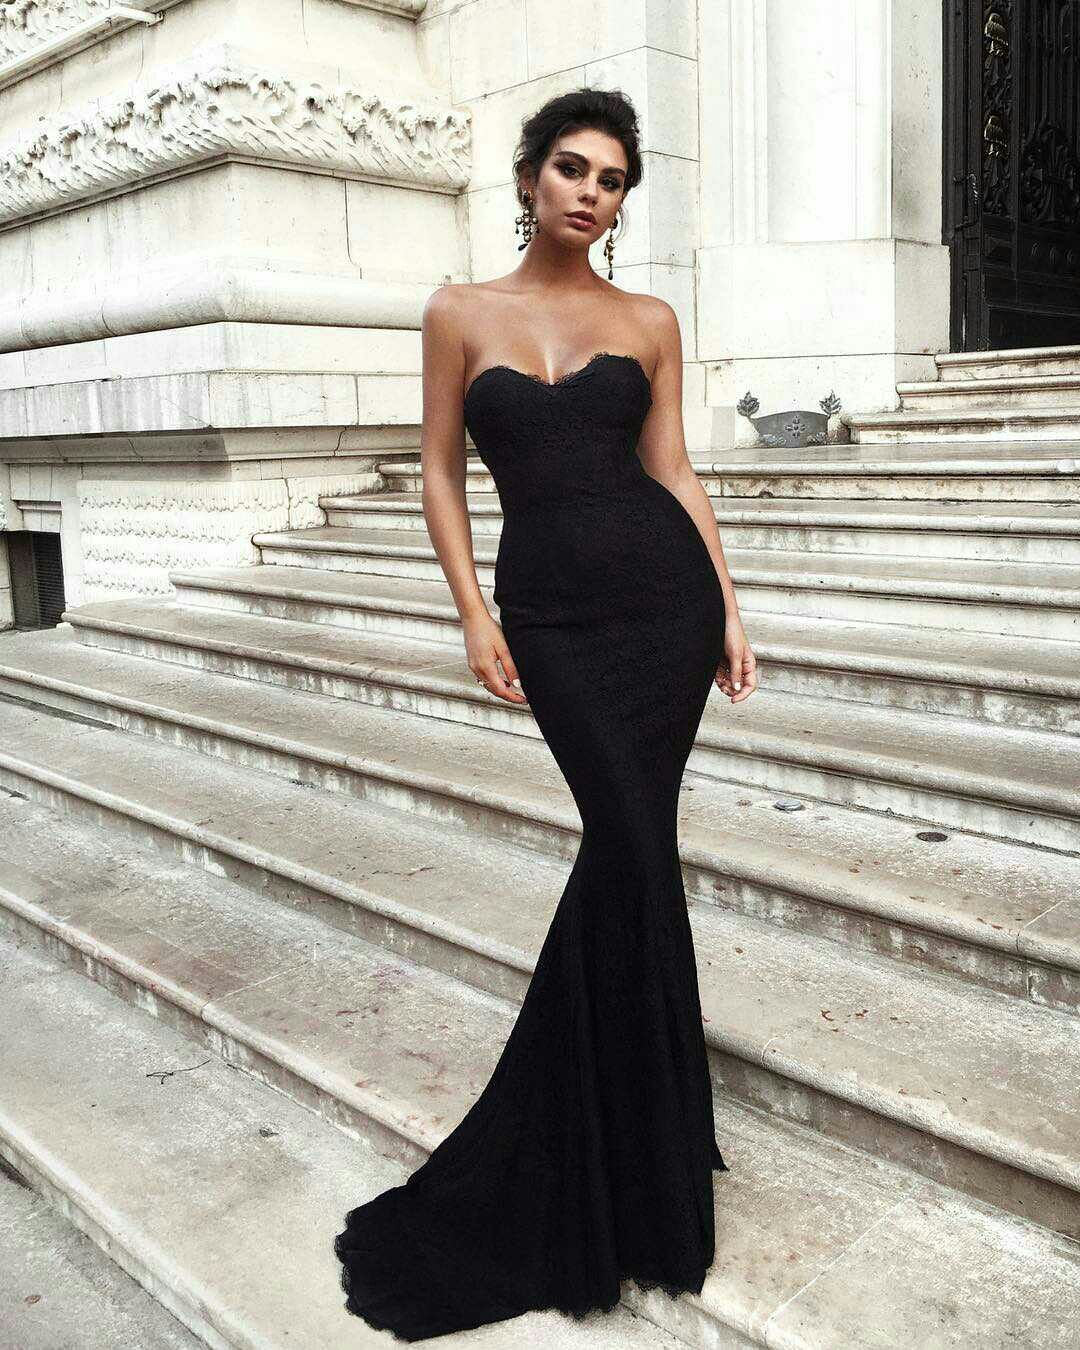 Pin von s a r a h w ❁ auf dresses ♡ | Pinterest | Festliche ...